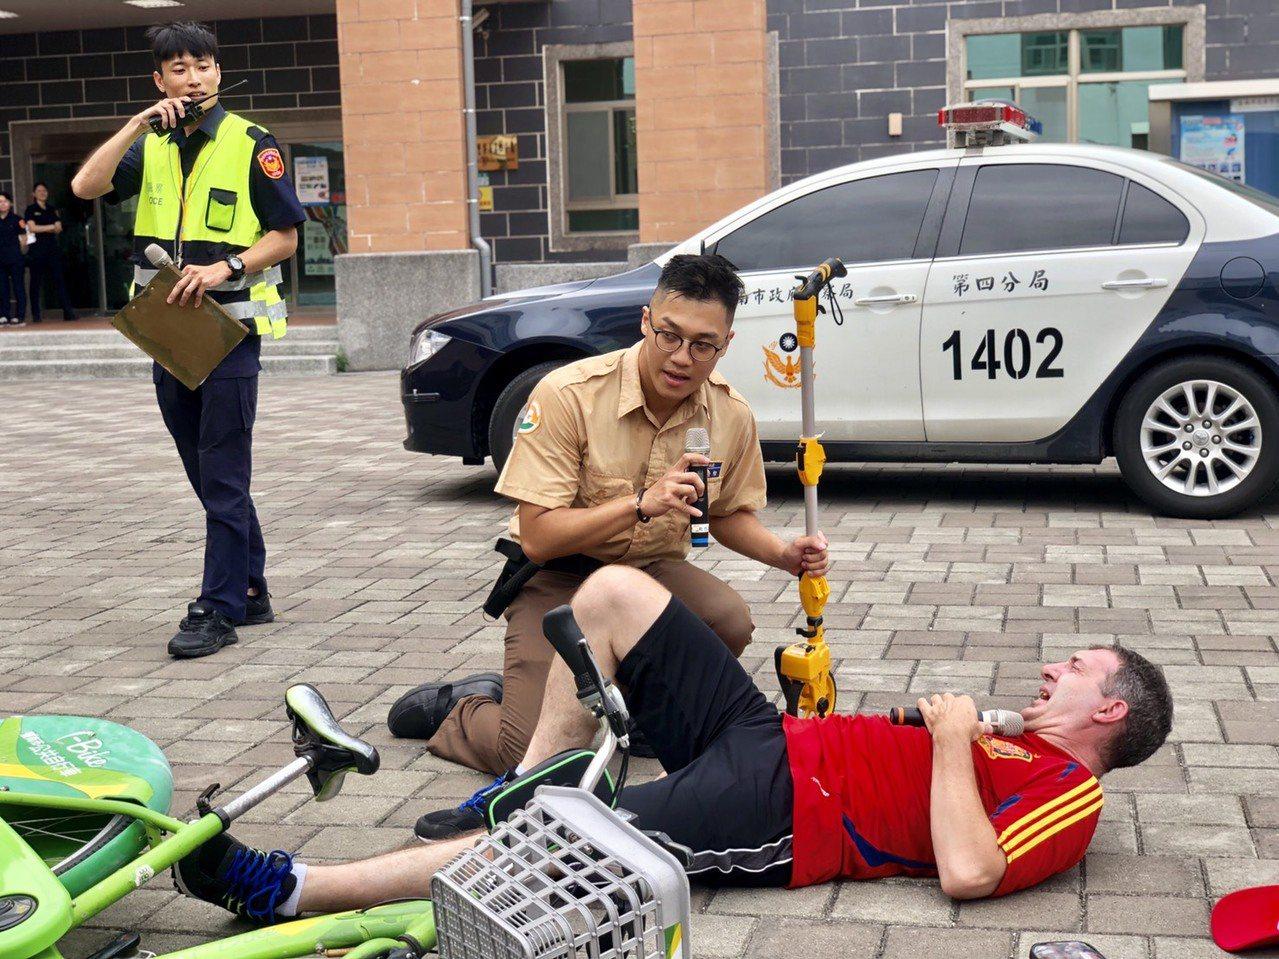 「我的腿好痛!可能斷了」,「放輕鬆!不要動!救護車很快就會到」,現場模擬交通意外...